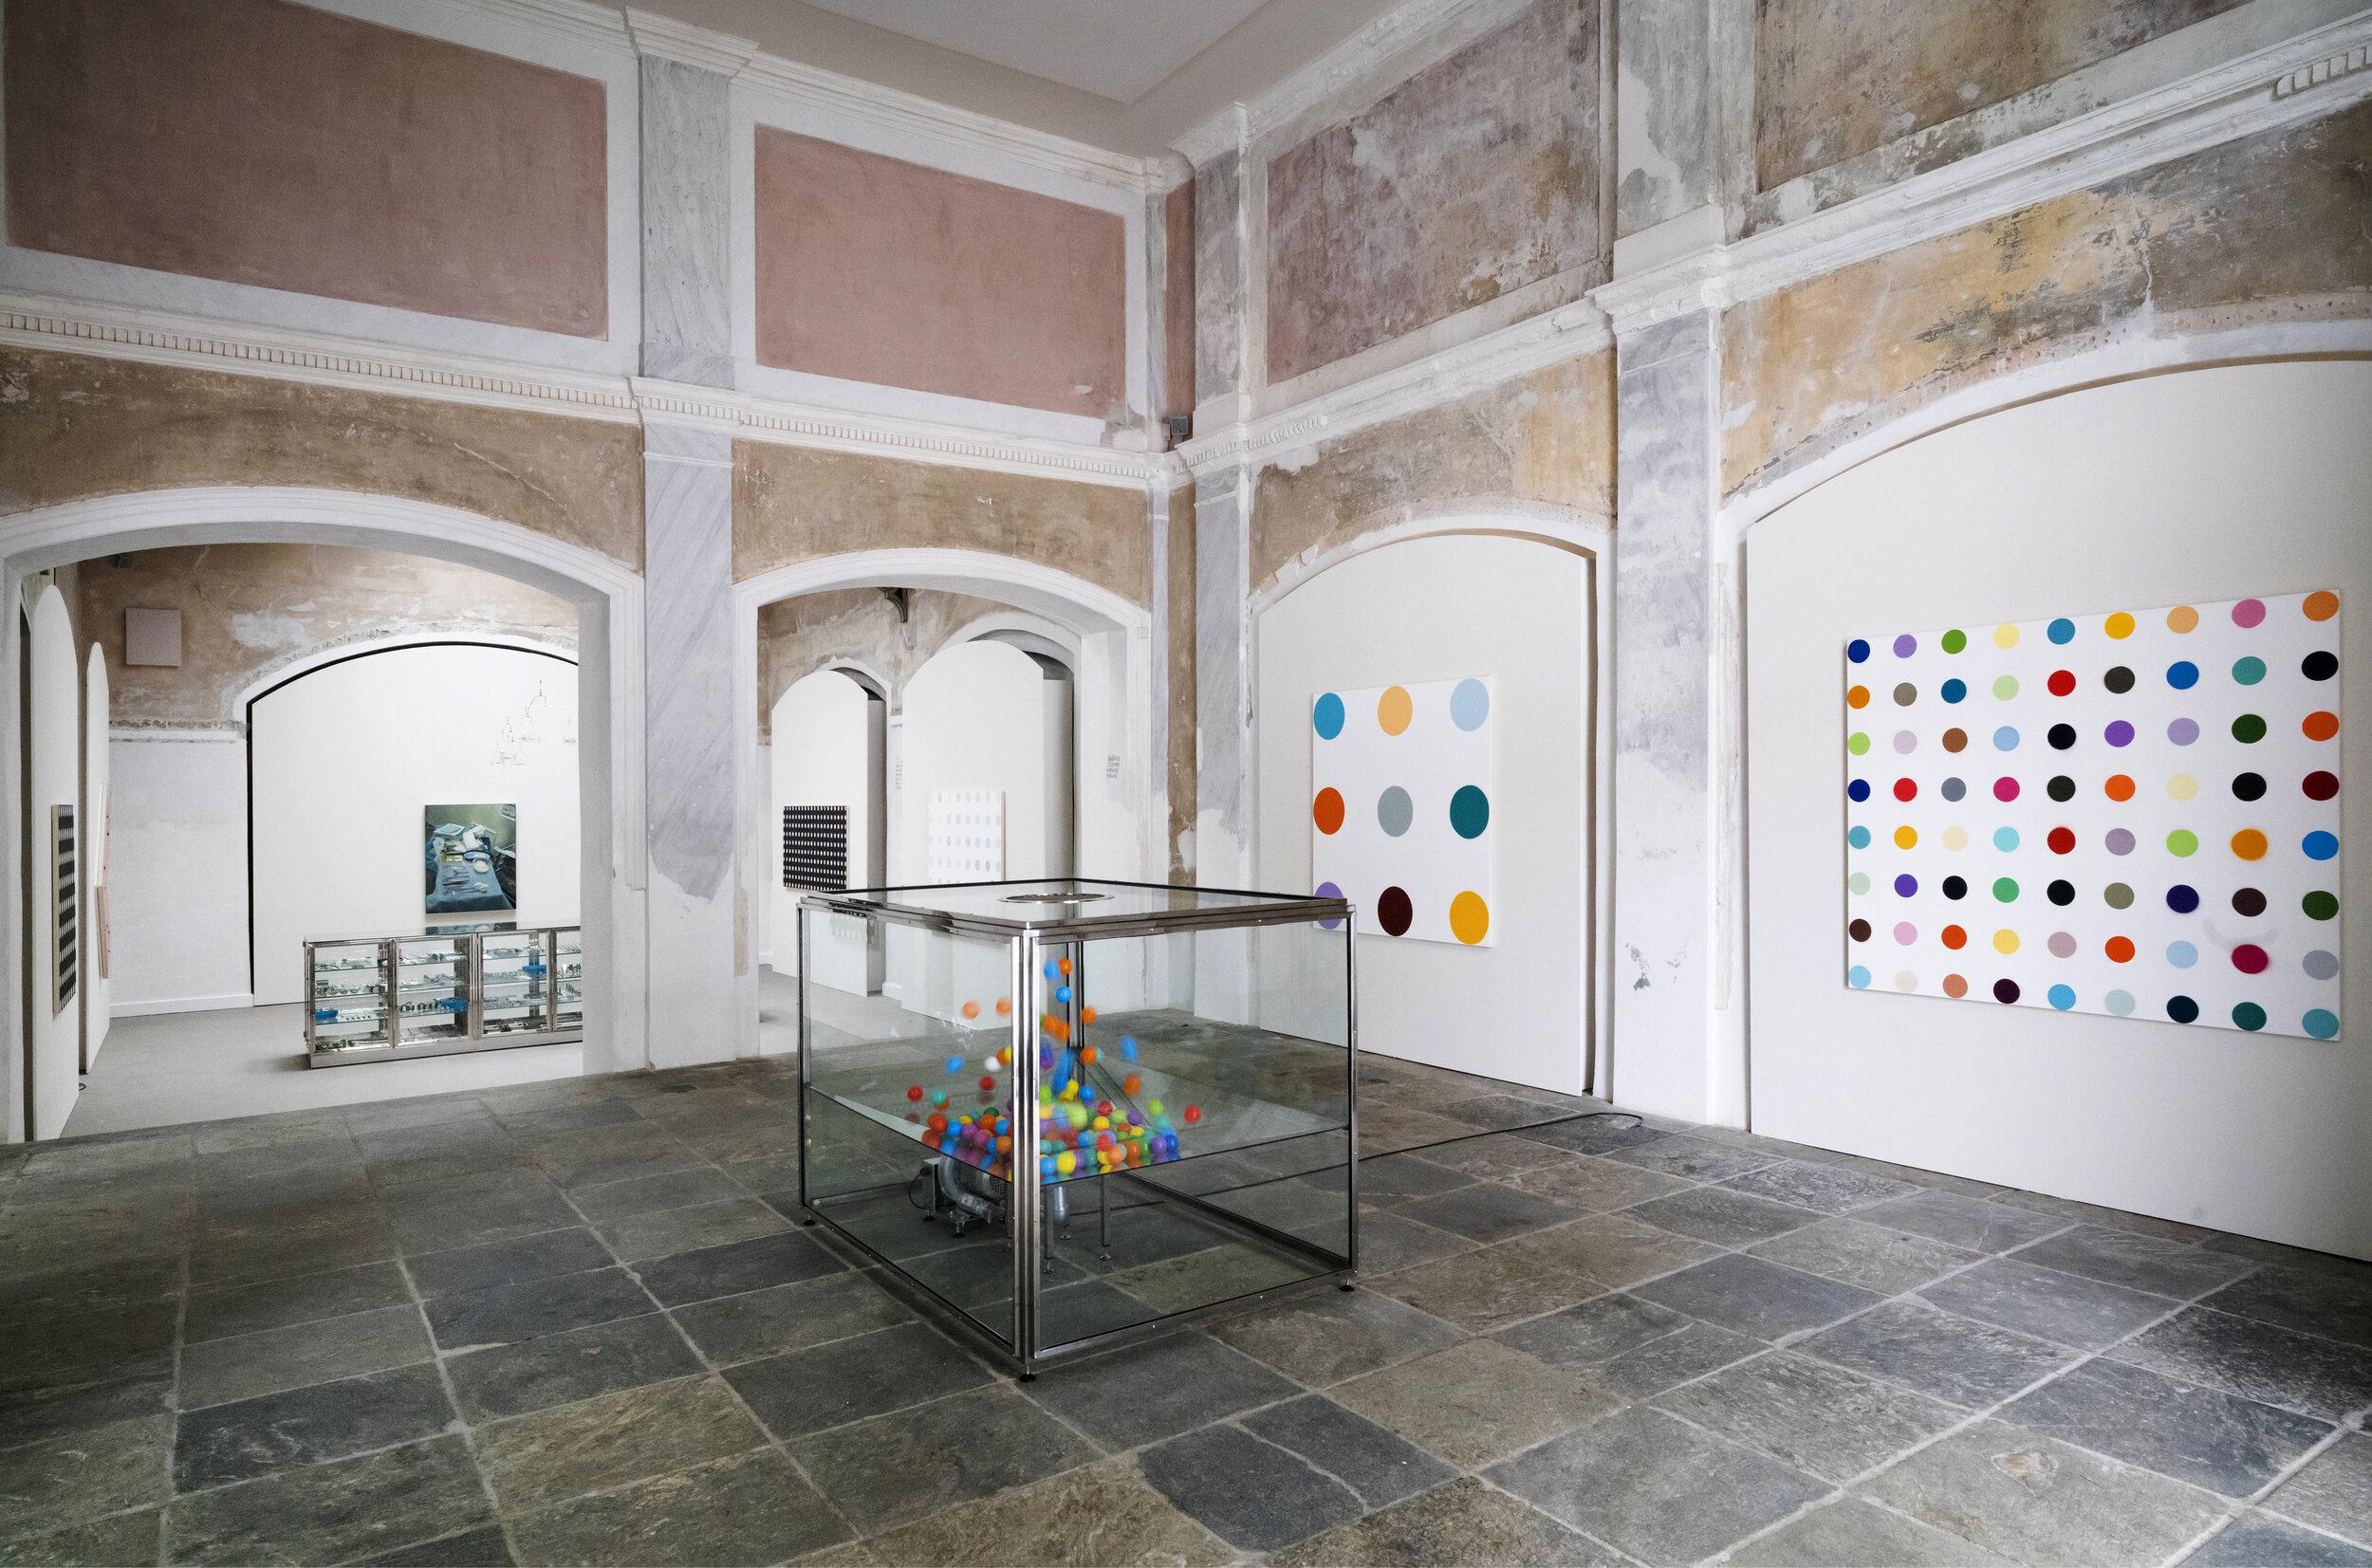 Forum Paracelsus, Damien Hirst, St. Moritz Bad, 2021, St Moritz